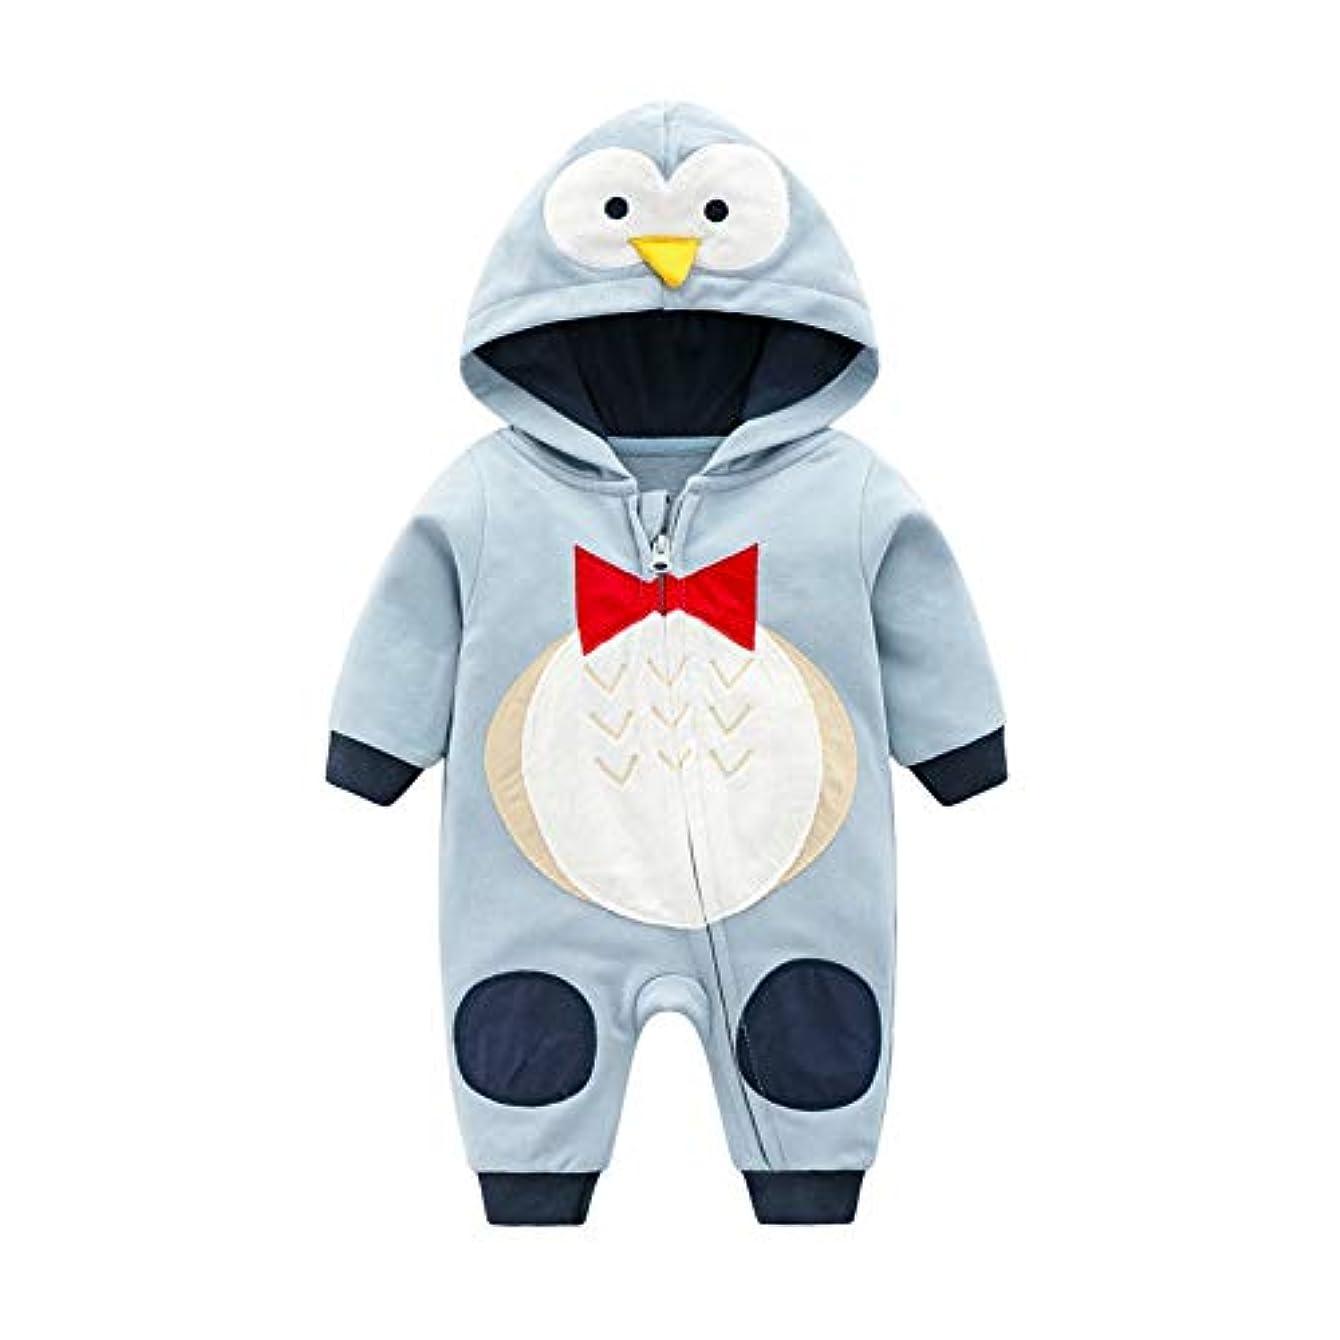 さまよう効率消化ACHICOO ロンパース コスチューム 暖かい コットン ベビージャンプ スーツ パーカー オーバーオール服 恐竜 新生児 子供 女の赤ちゃん 男の子 ウォーターブルーペンギン 73CM